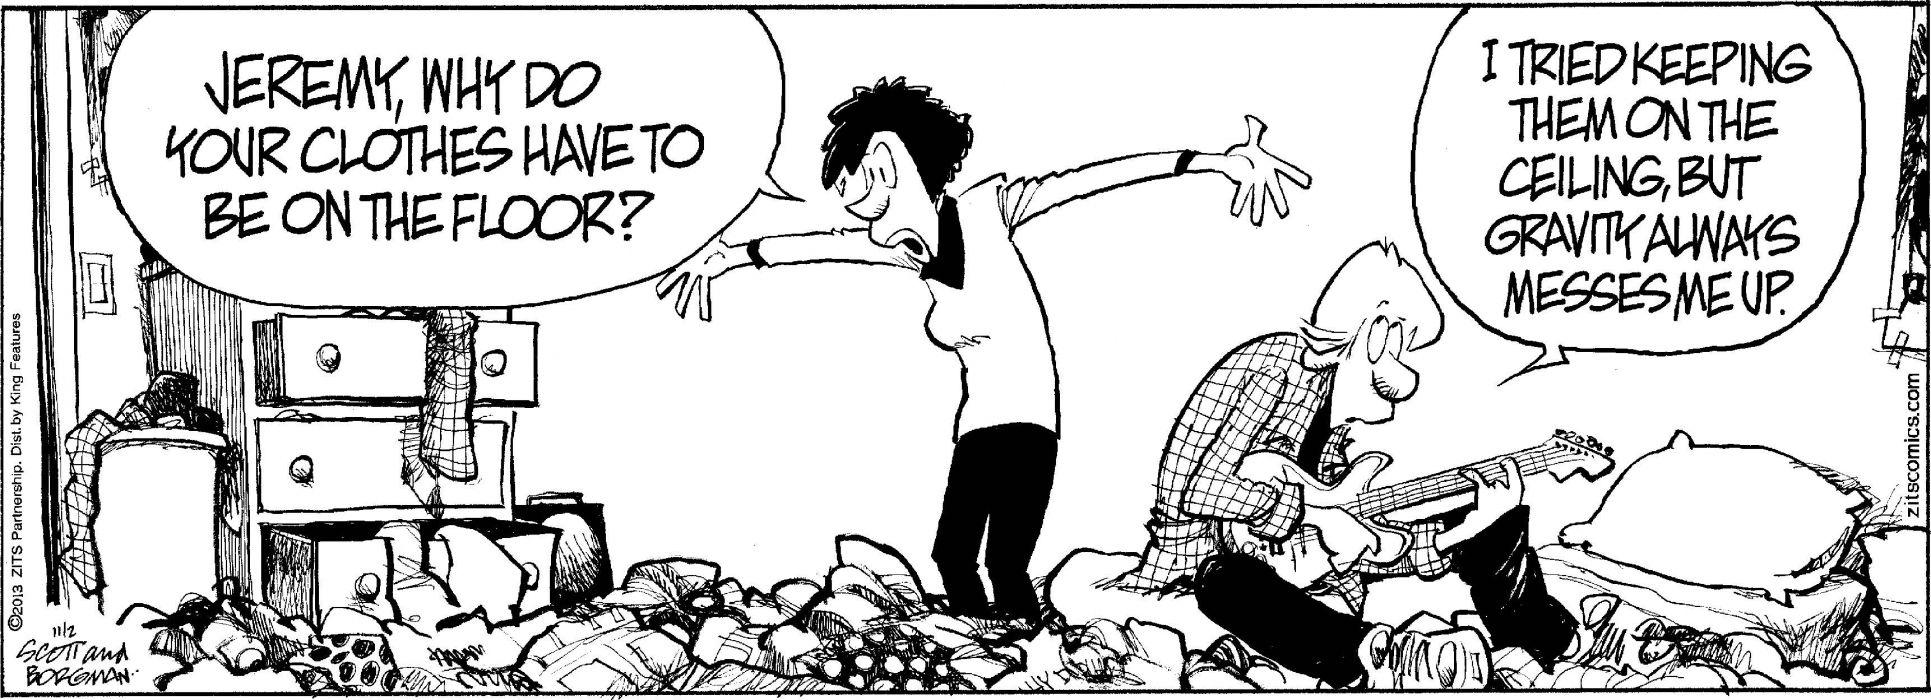 ZITS comicstrip humor funny (39) wallpaper